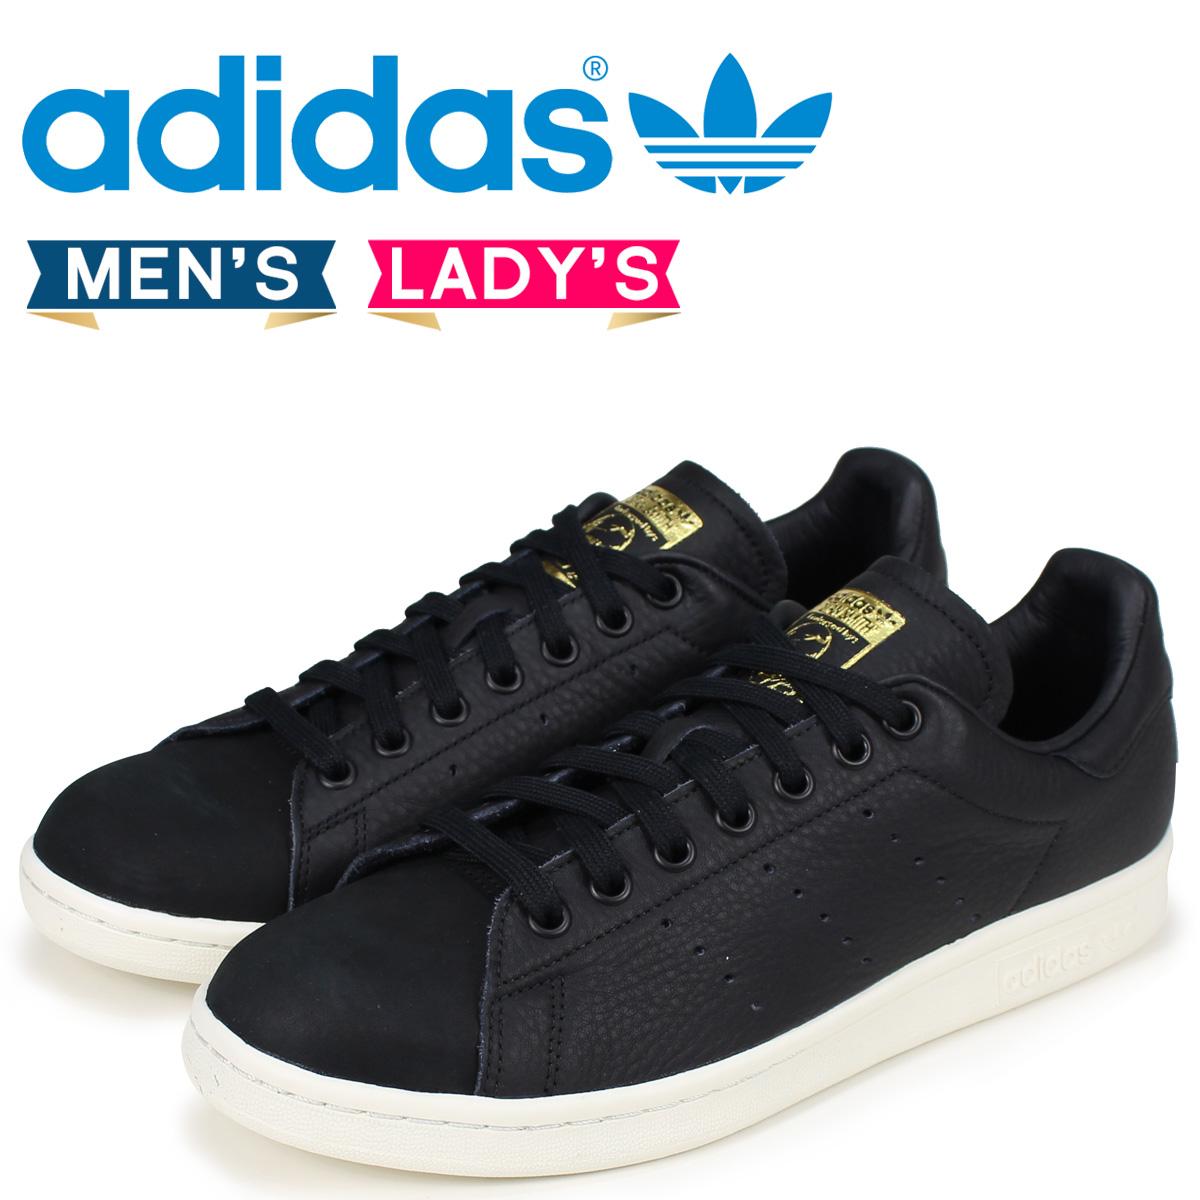 sports shoes 93e29 76000 adidas Originals Stan Smith Adidas originals sneakers men gap Dis STAN  SMITH PREMIUM B37901 black black